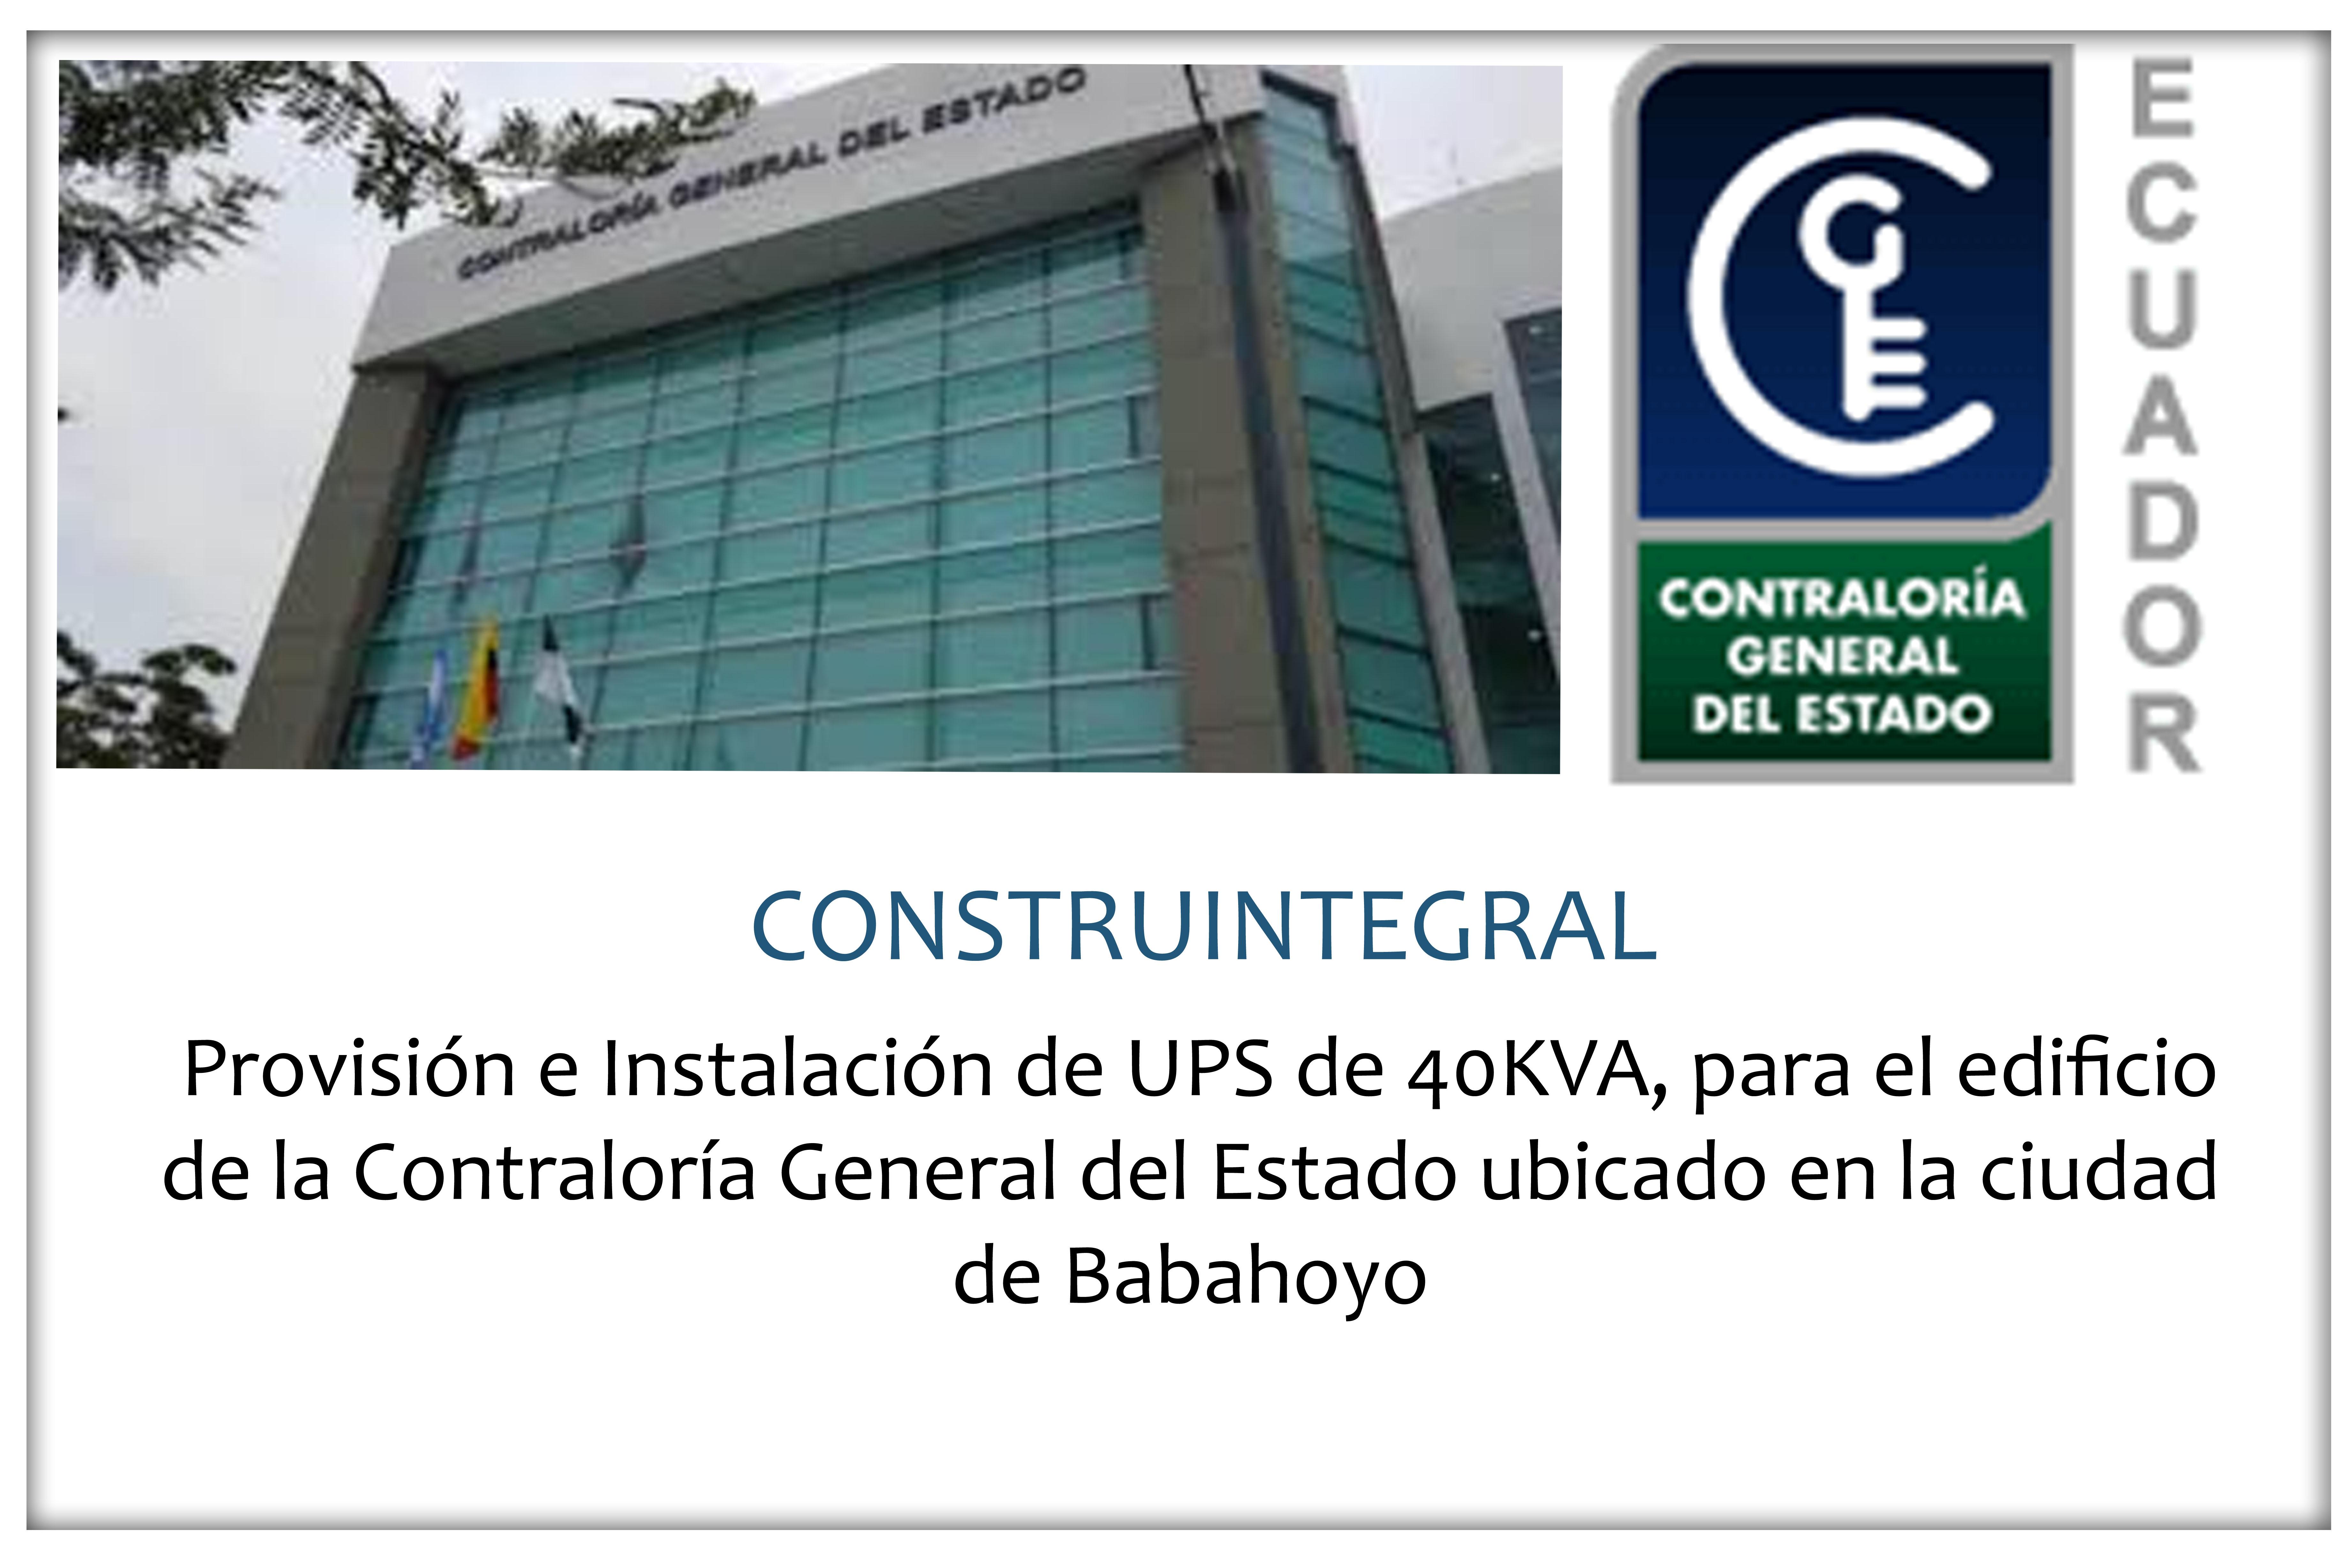 CONSTRUINTEGRAL